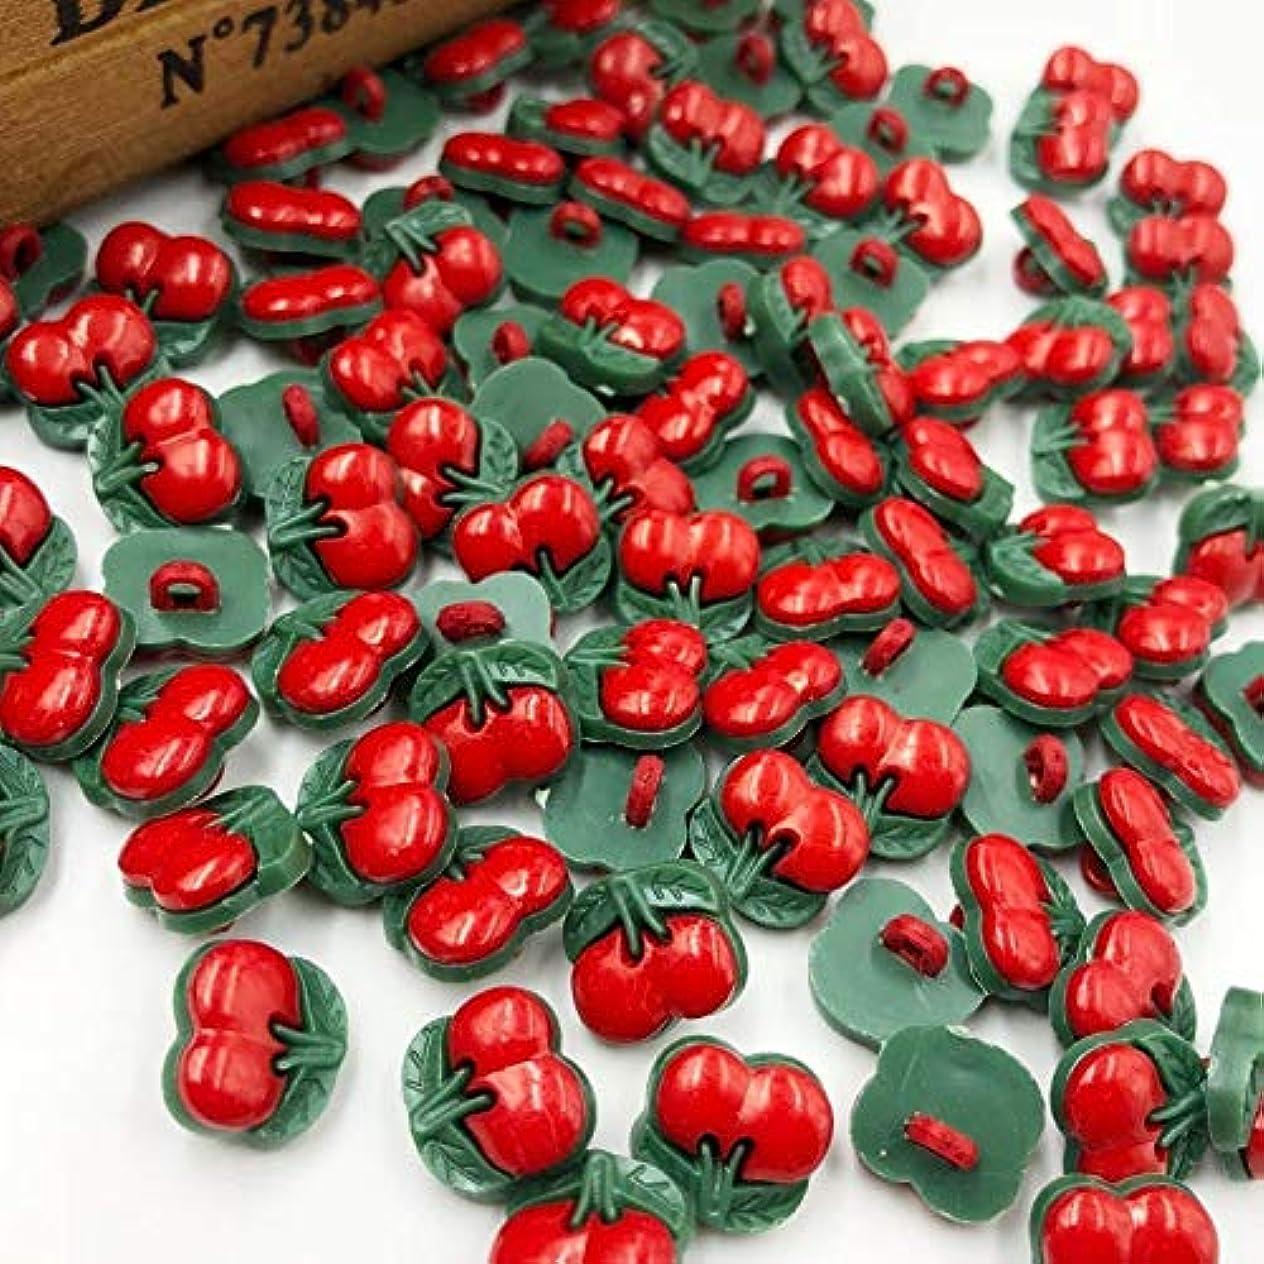 Propenary - Uは、レッドチェリープラスチックボタン縫製ボタンDIY工芸を選びます